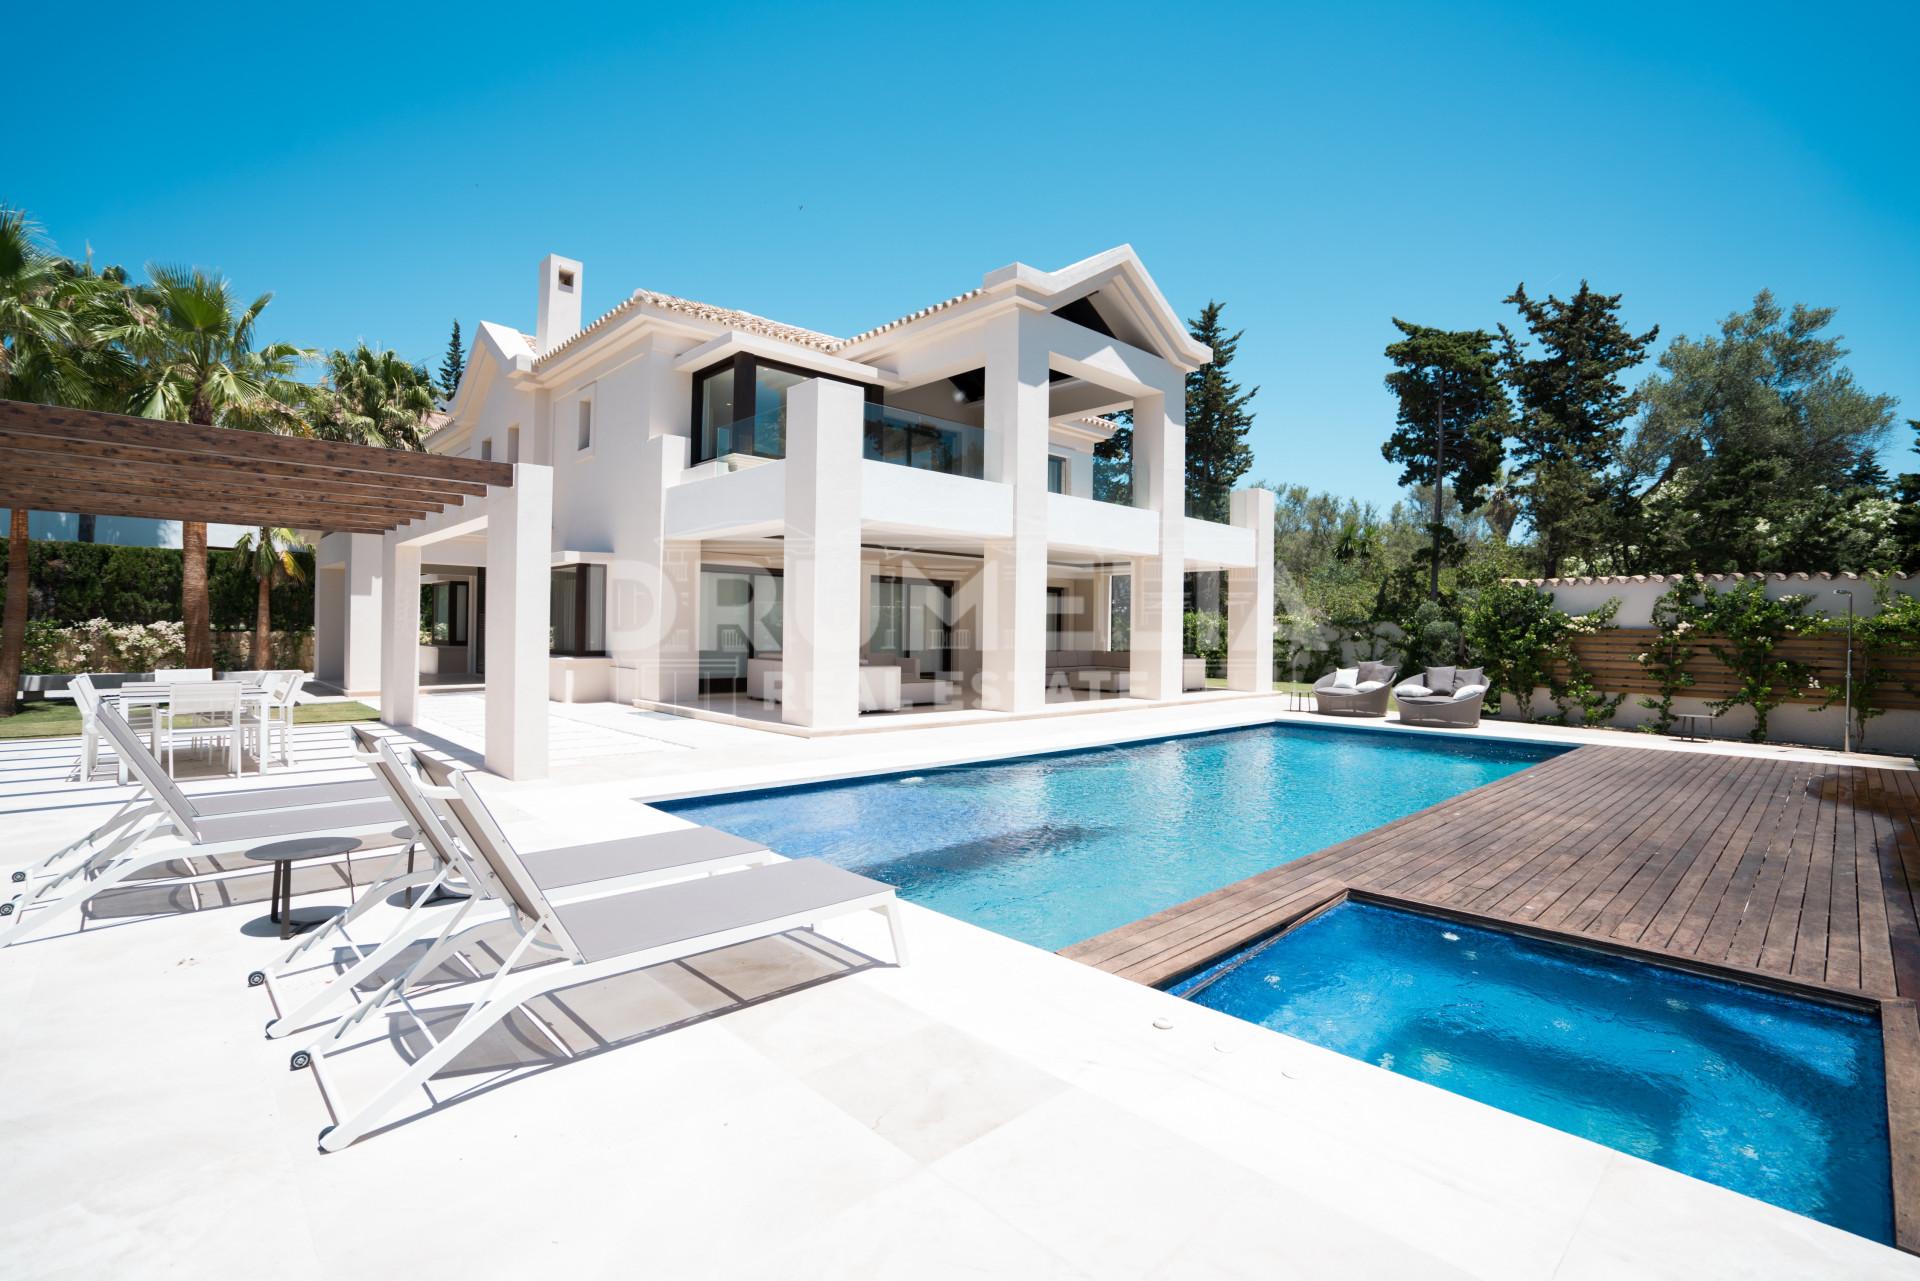 Excepcional contempor neo villa marbella club - Marbella club villas ...